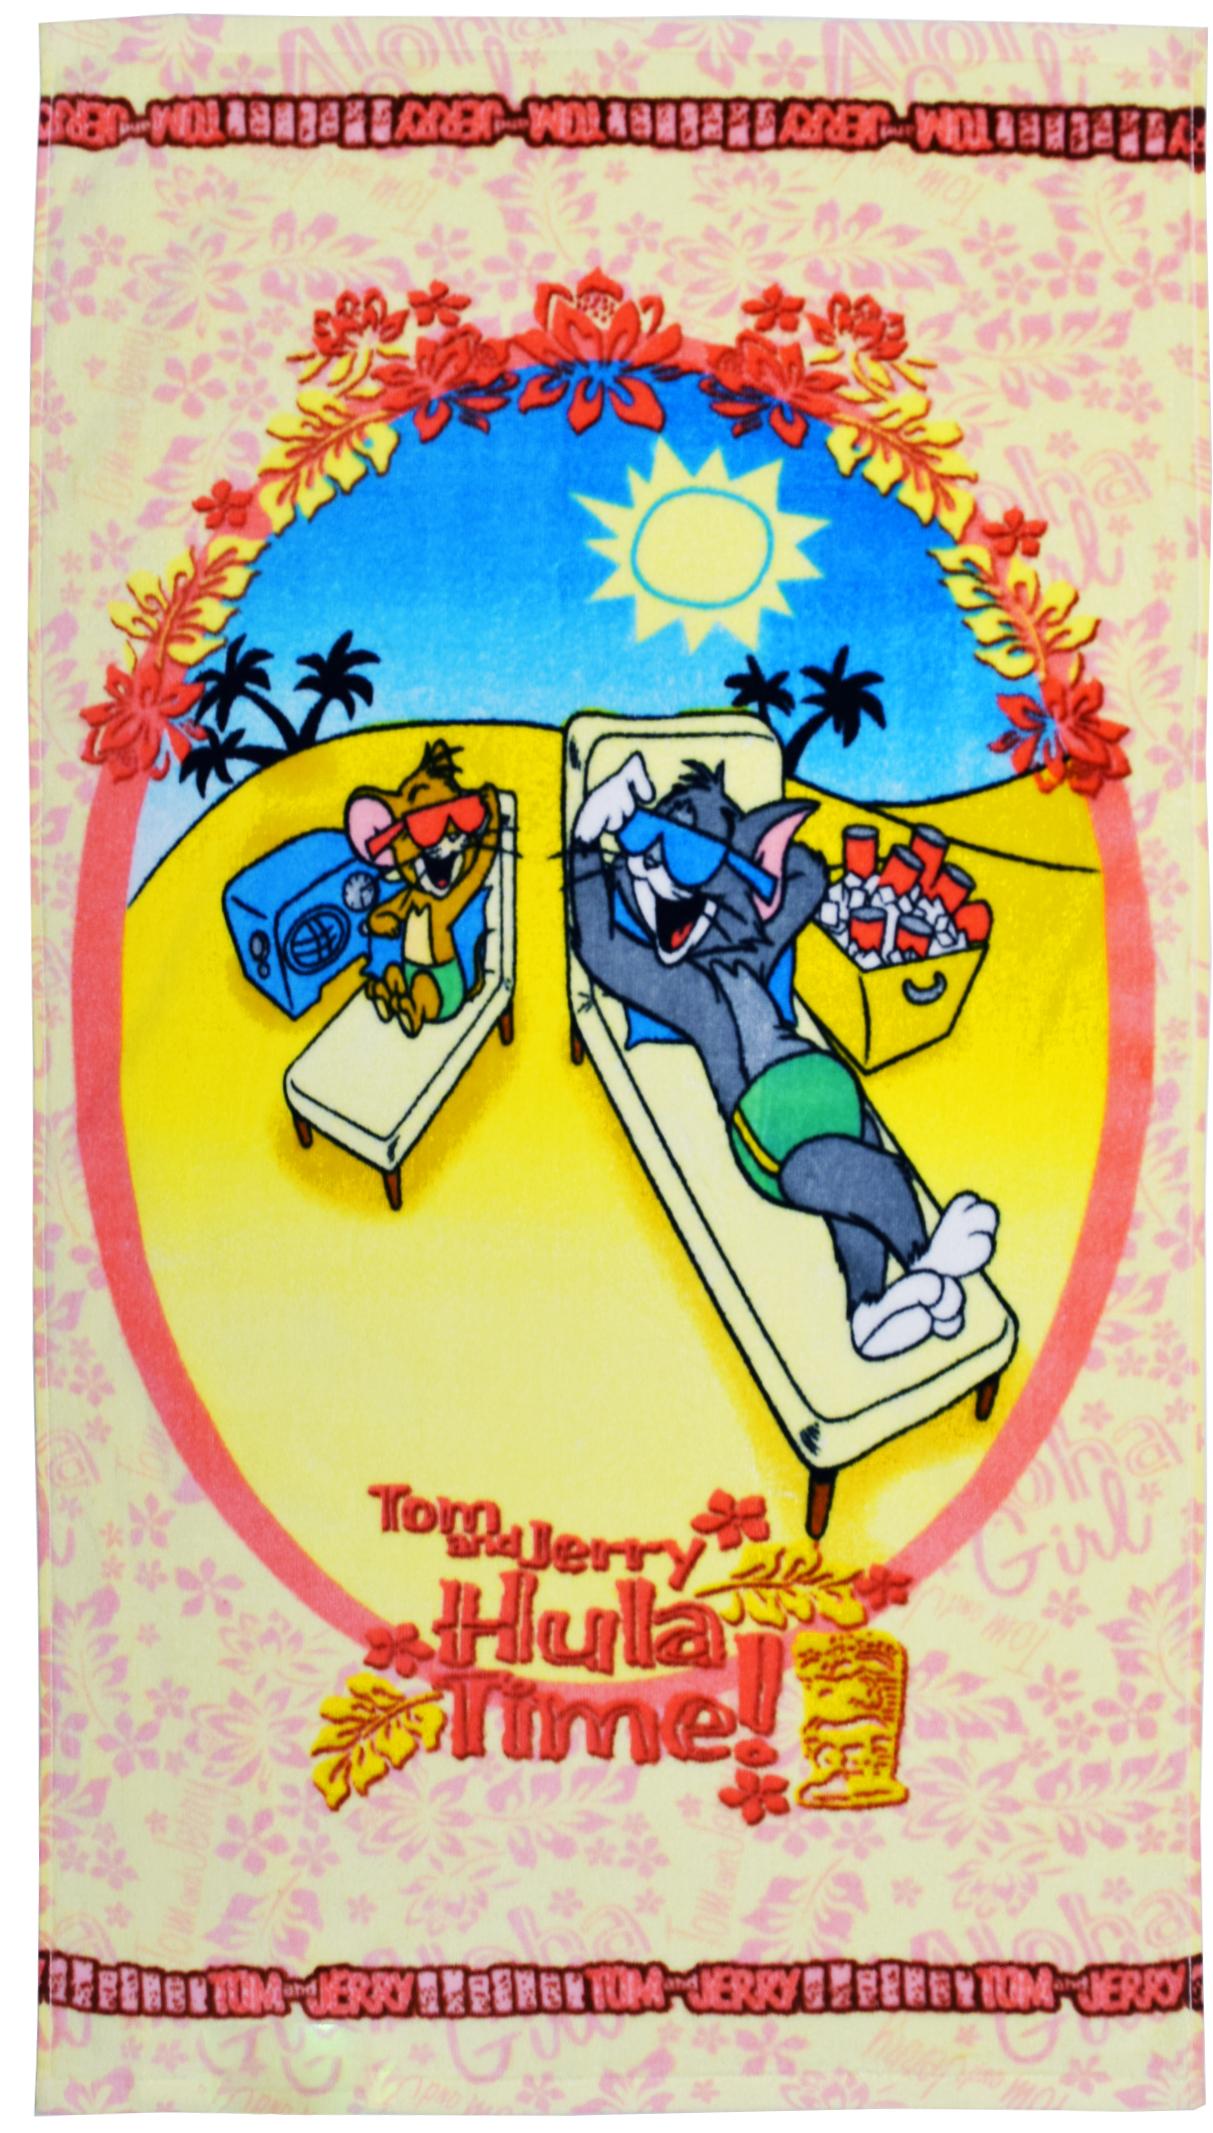 Полотенце 50*90 см, махровое, Том и Джерри на отдыхе10503Красочные полотенца 2 в 1: одна сторона развлекает, другая — вытирает.Разнообразие расцветок полотенец поможет окунуться в мир волшебных сказок и мультипликационных героев.